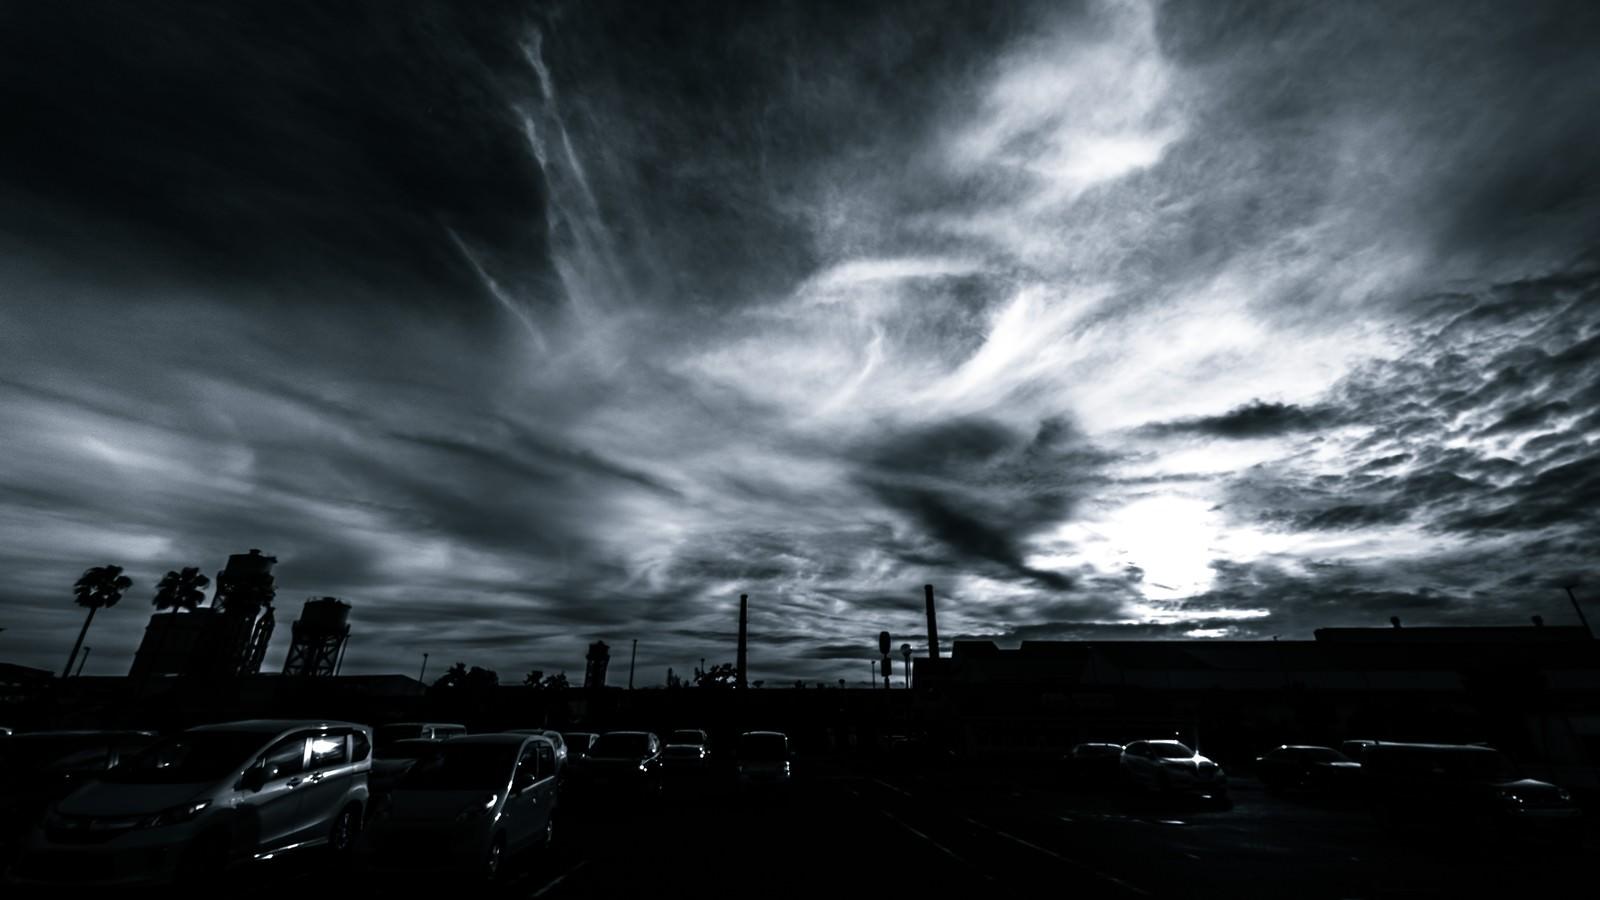 「駐車場からの雲行き(モノクロ)駐車場からの雲行き(モノクロ)」のフリー写真素材を拡大